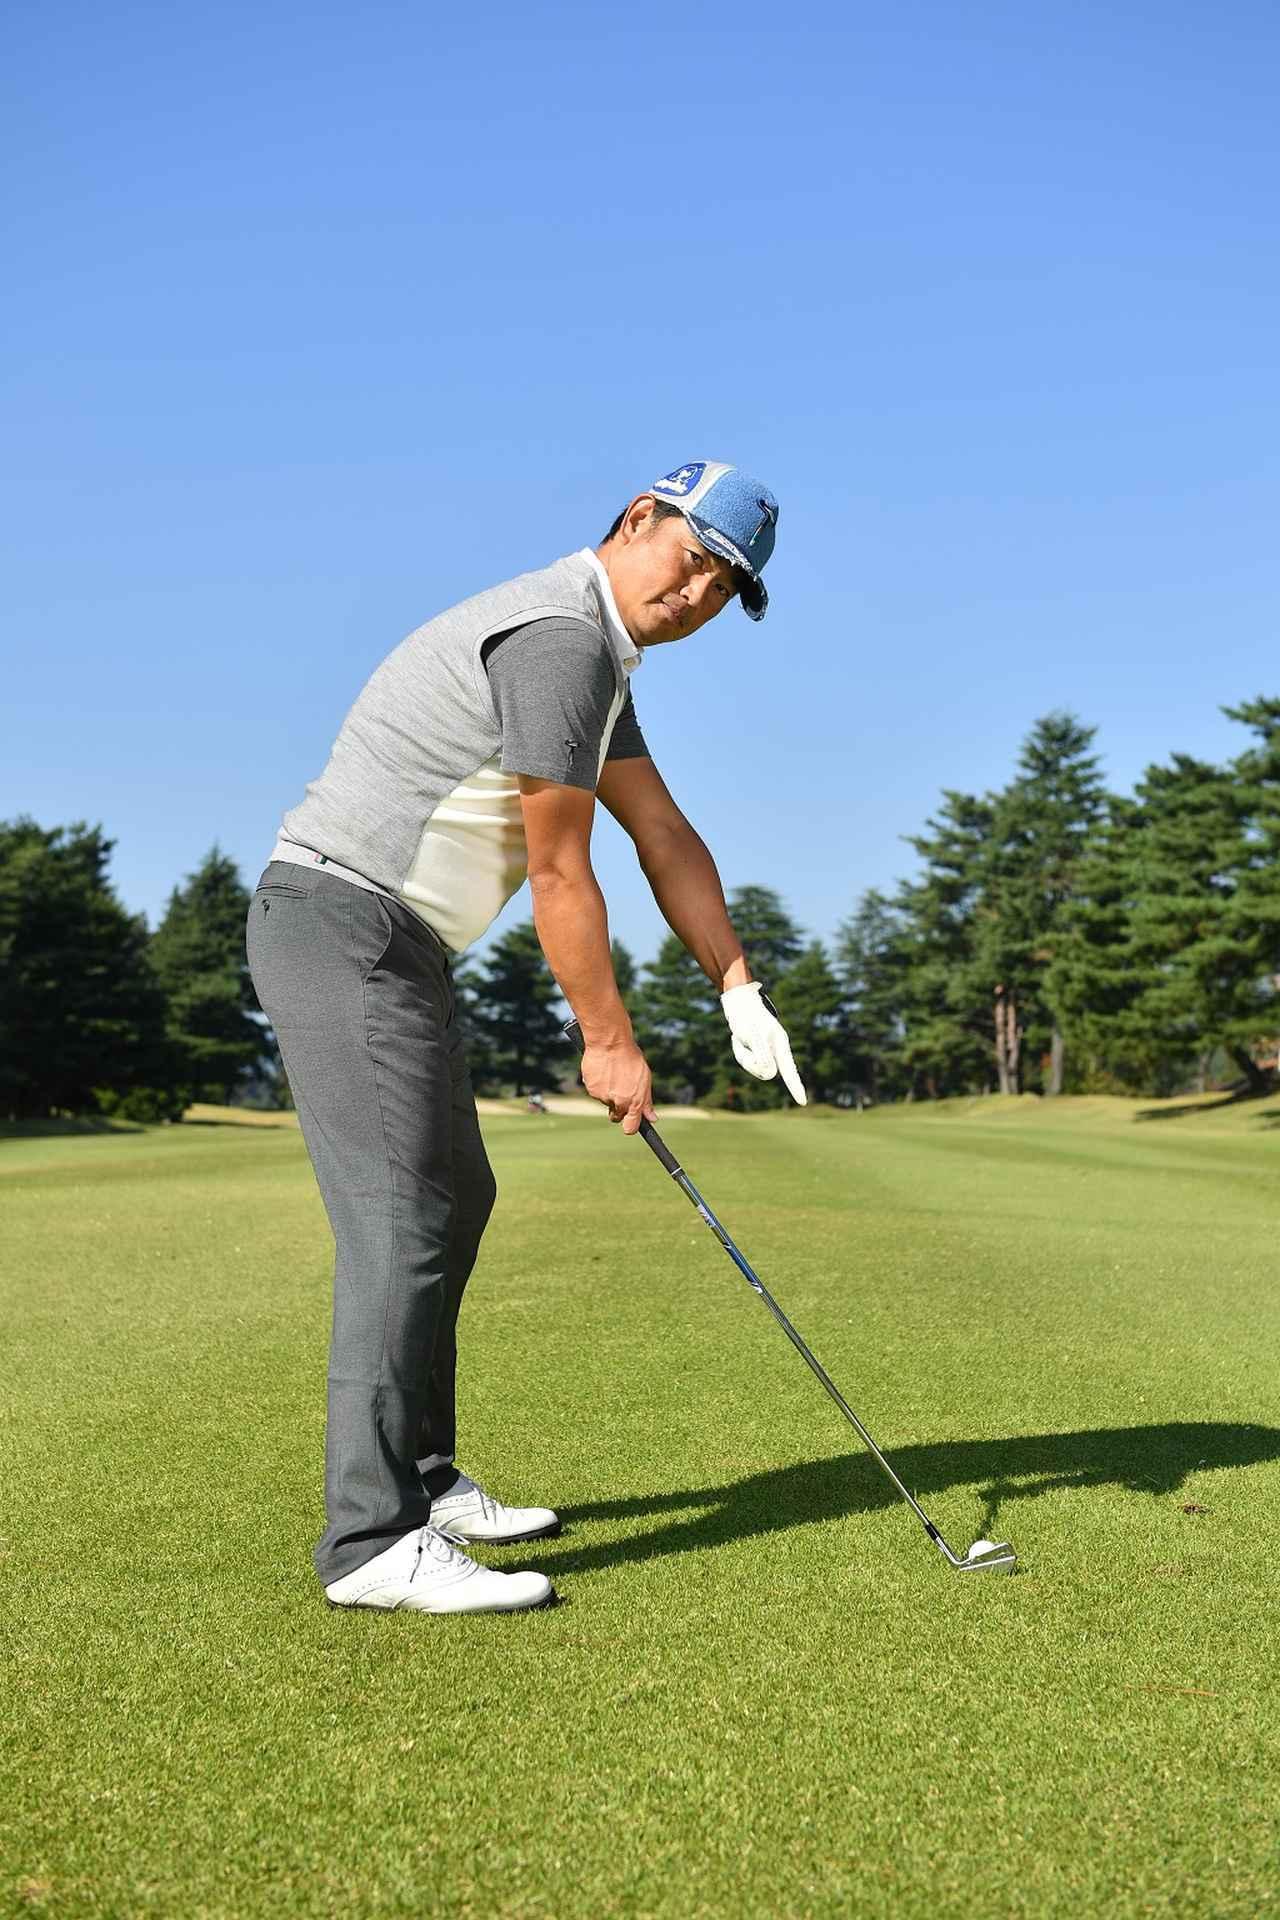 画像: 前傾角度を維持しようと意識しすぎるとスウィングが窮屈になるので、目とボールの距離を意識しよう